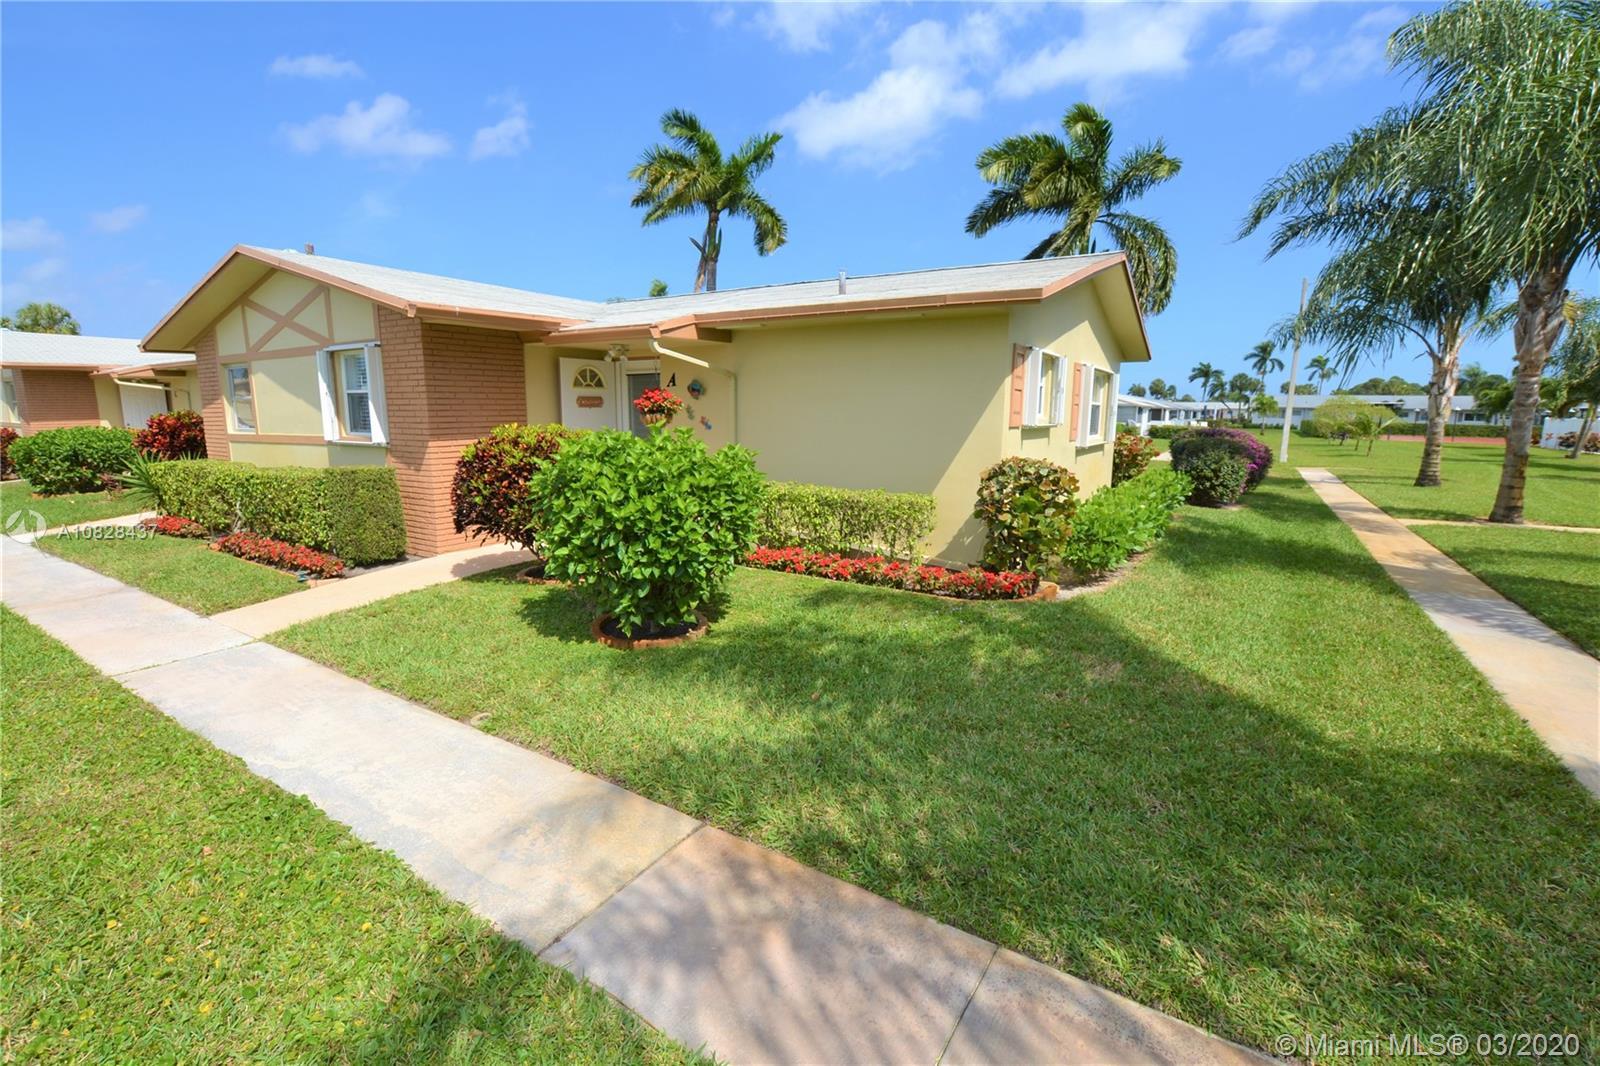 2822 Crosley Dr W A, West Palm Beach, FL 33415